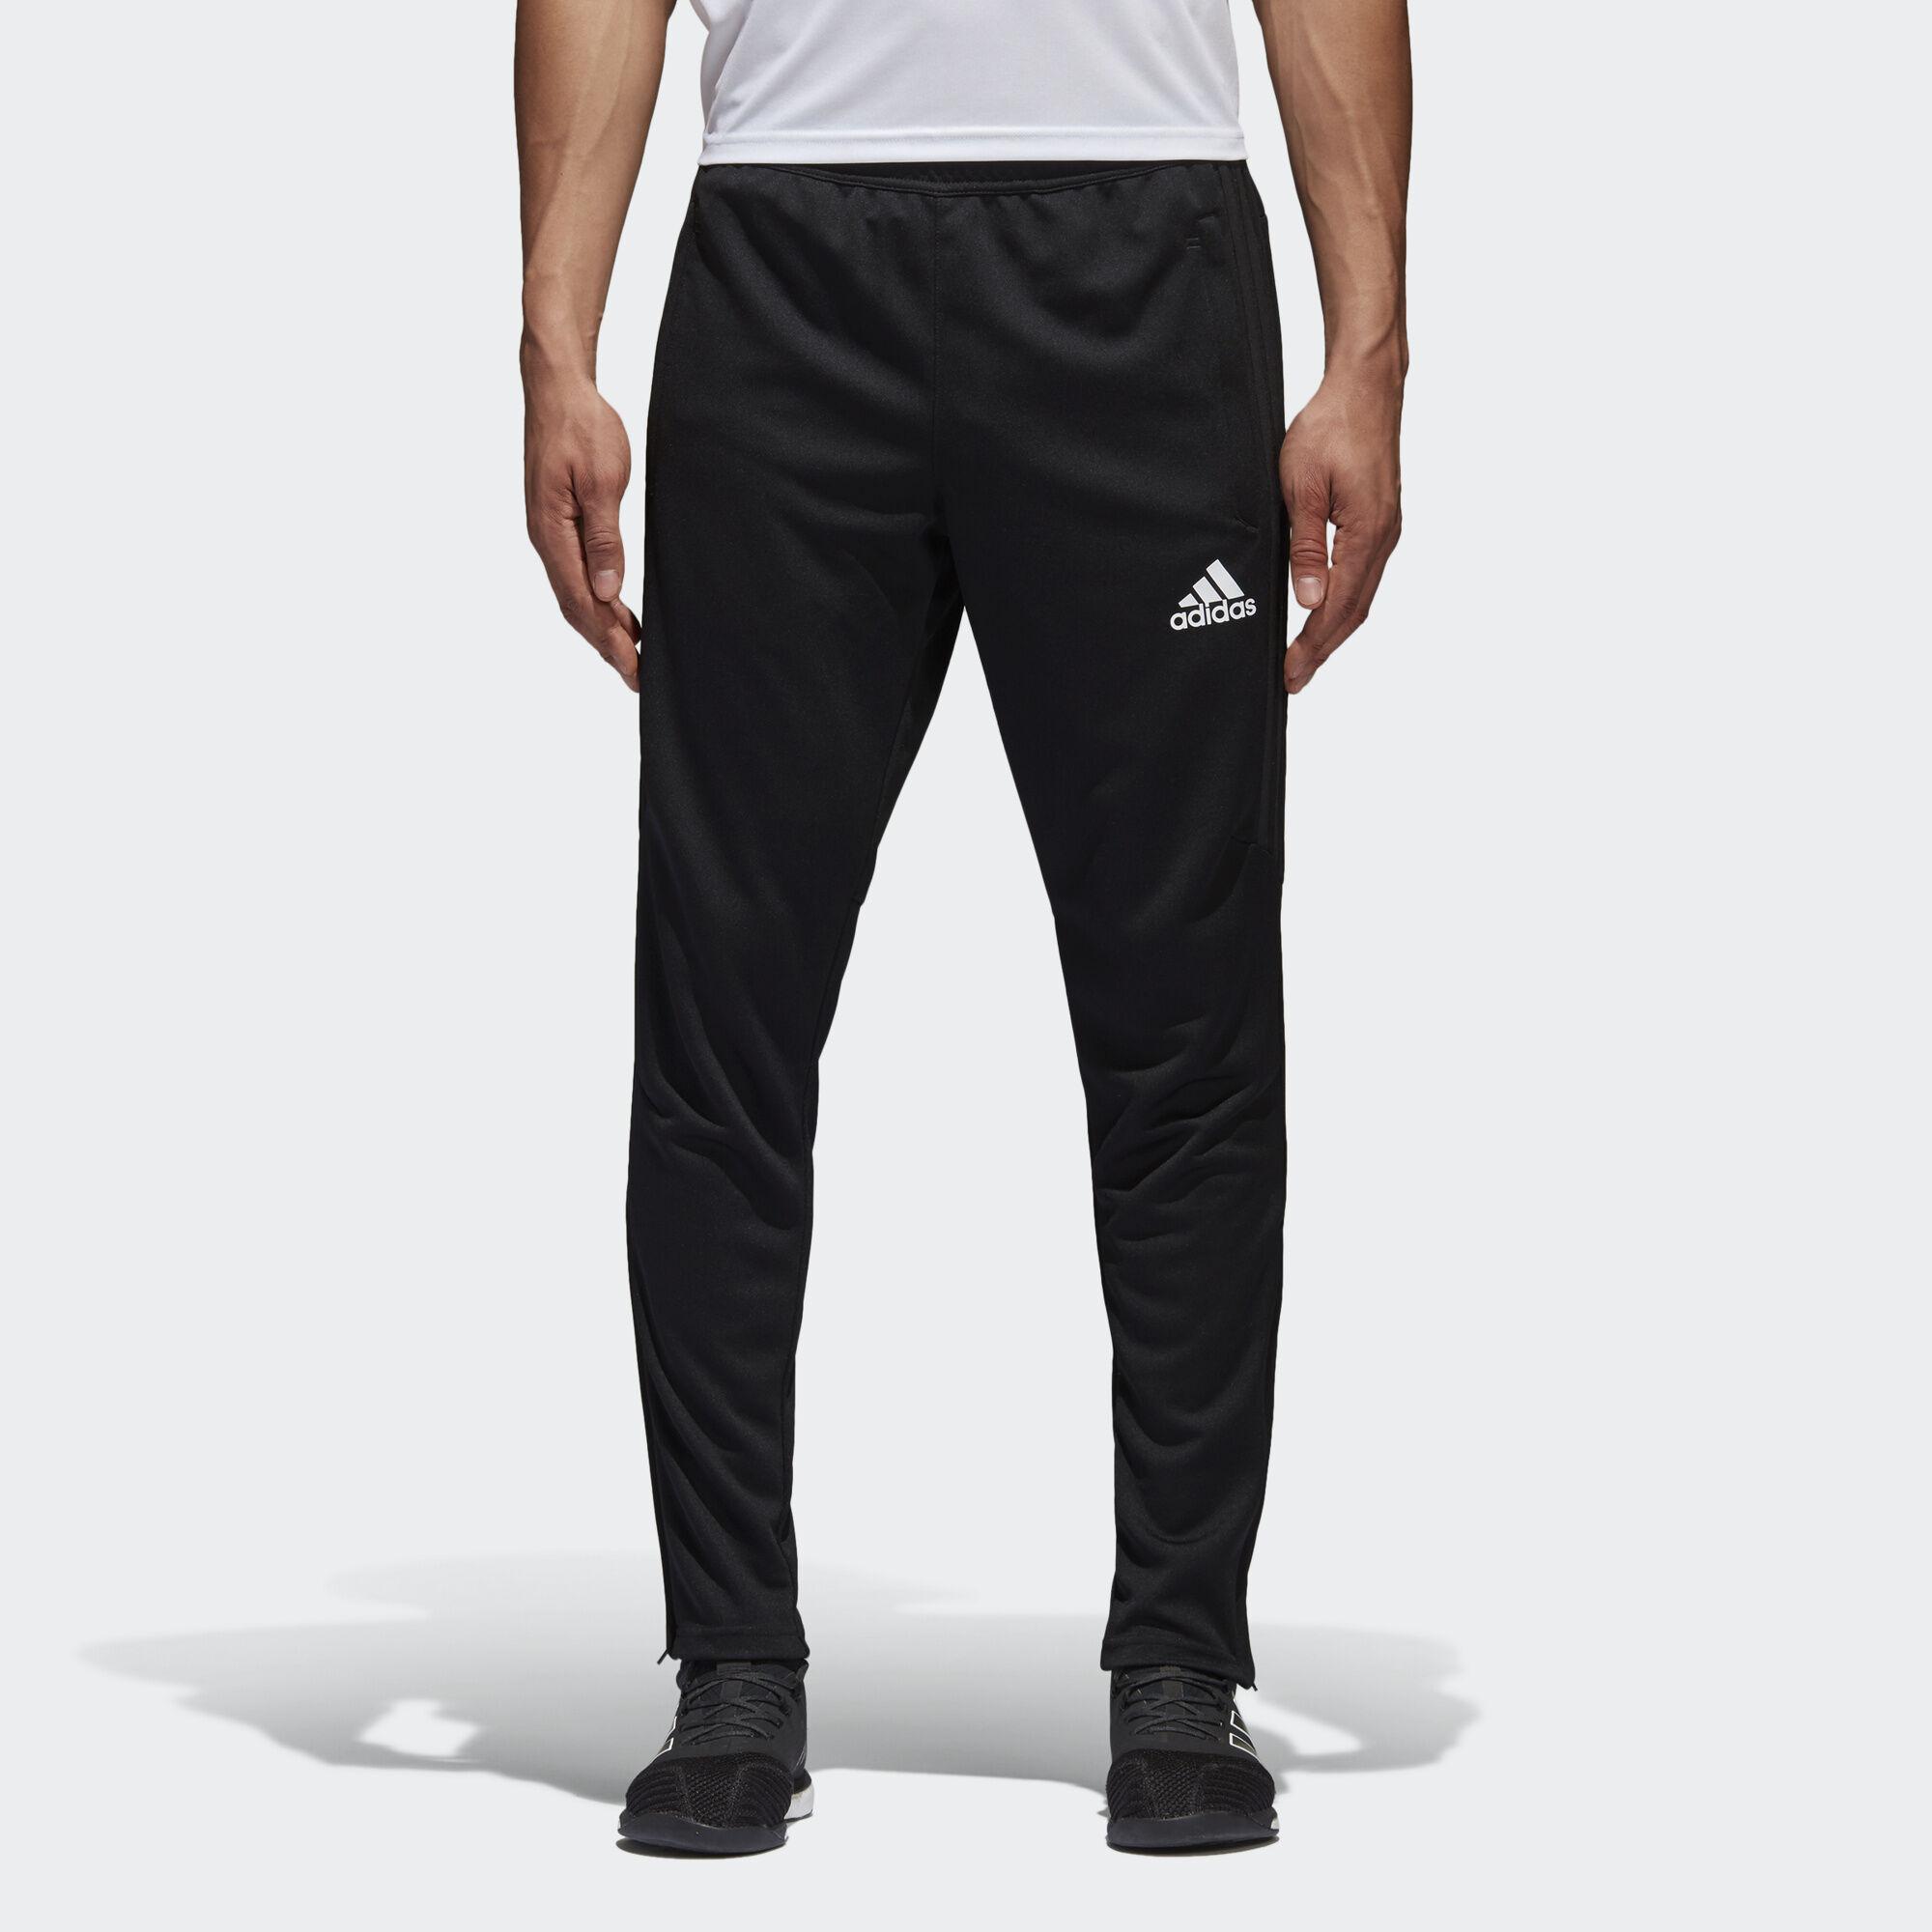 Adidas Jackets Mens